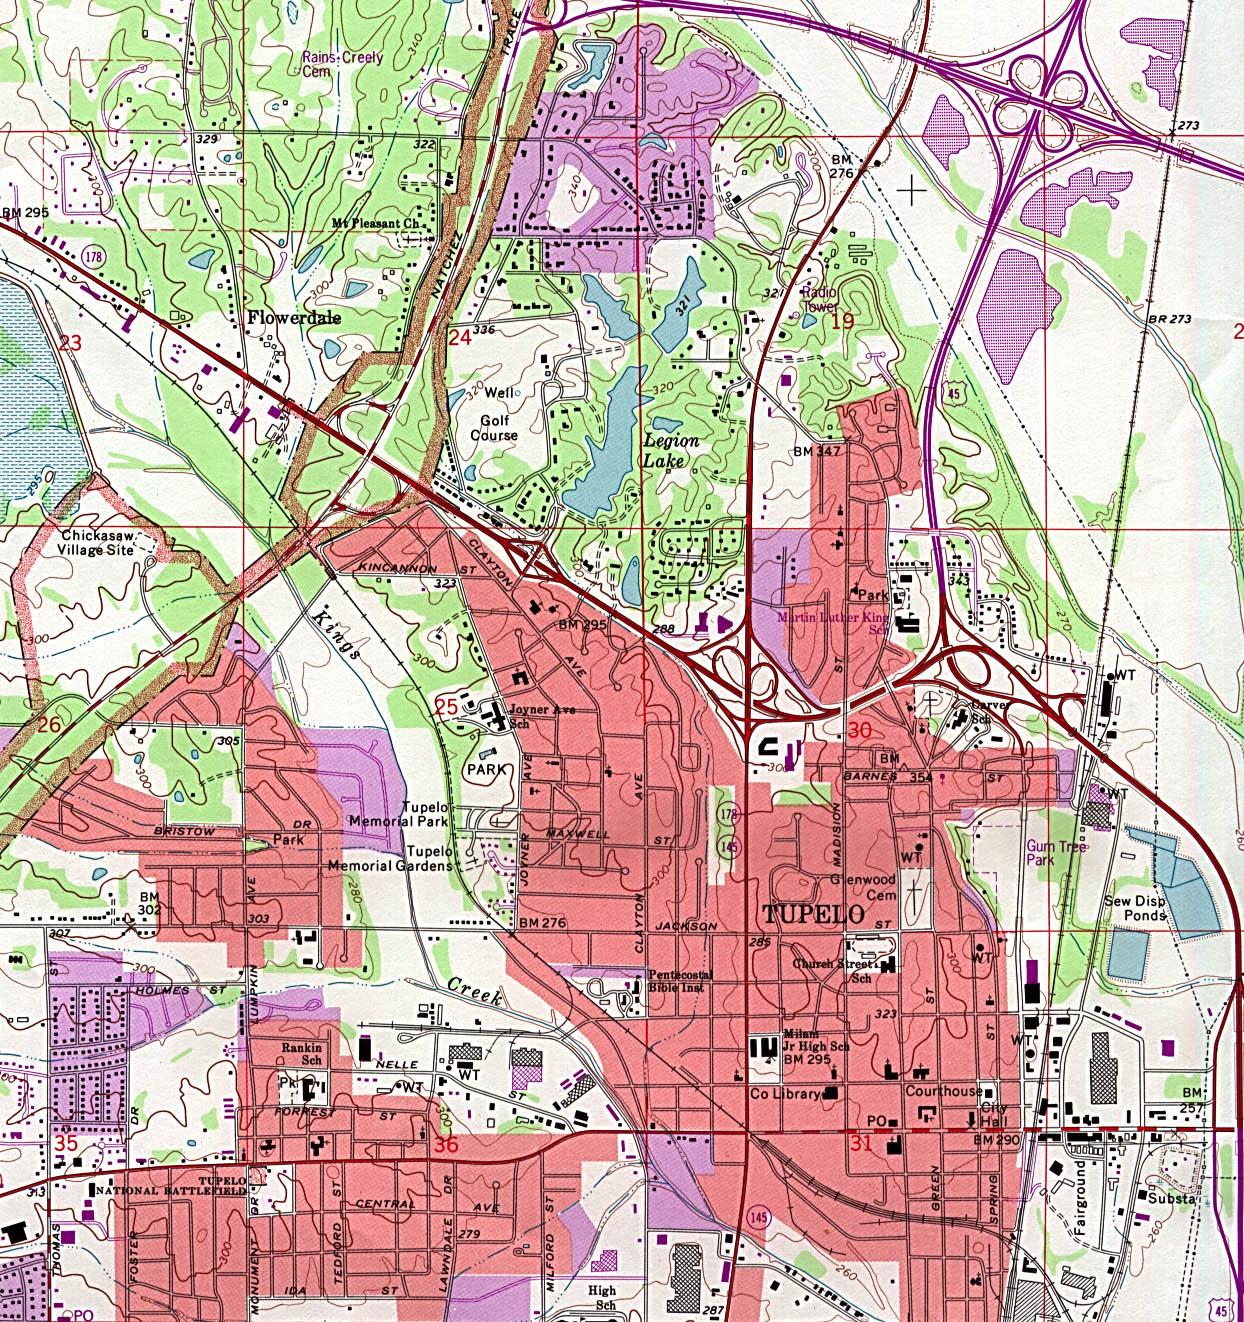 Mapa Topográfico de la Ciudad de Tupelo, Misisipi, Estados Unidos